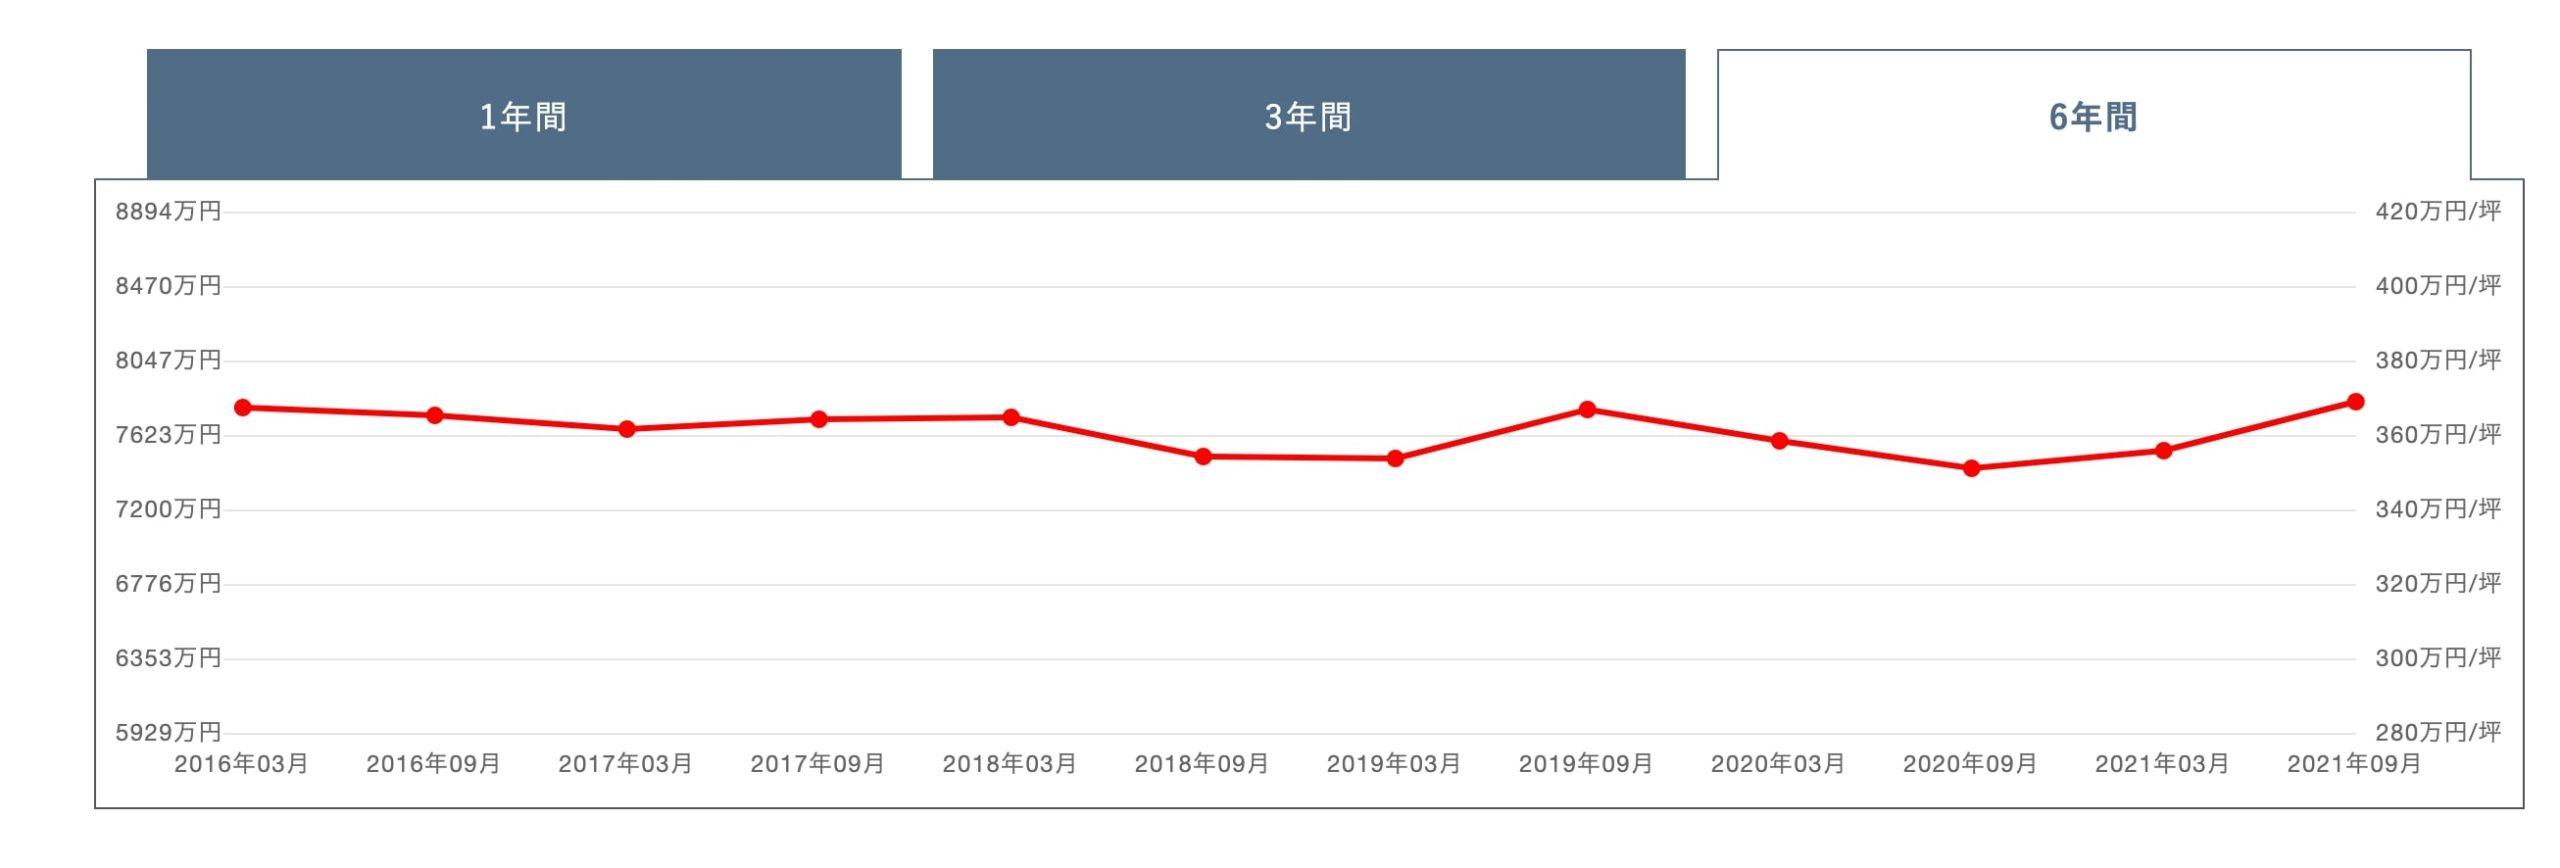 プラウドタワー武蔵小杉の価格変動グラフ